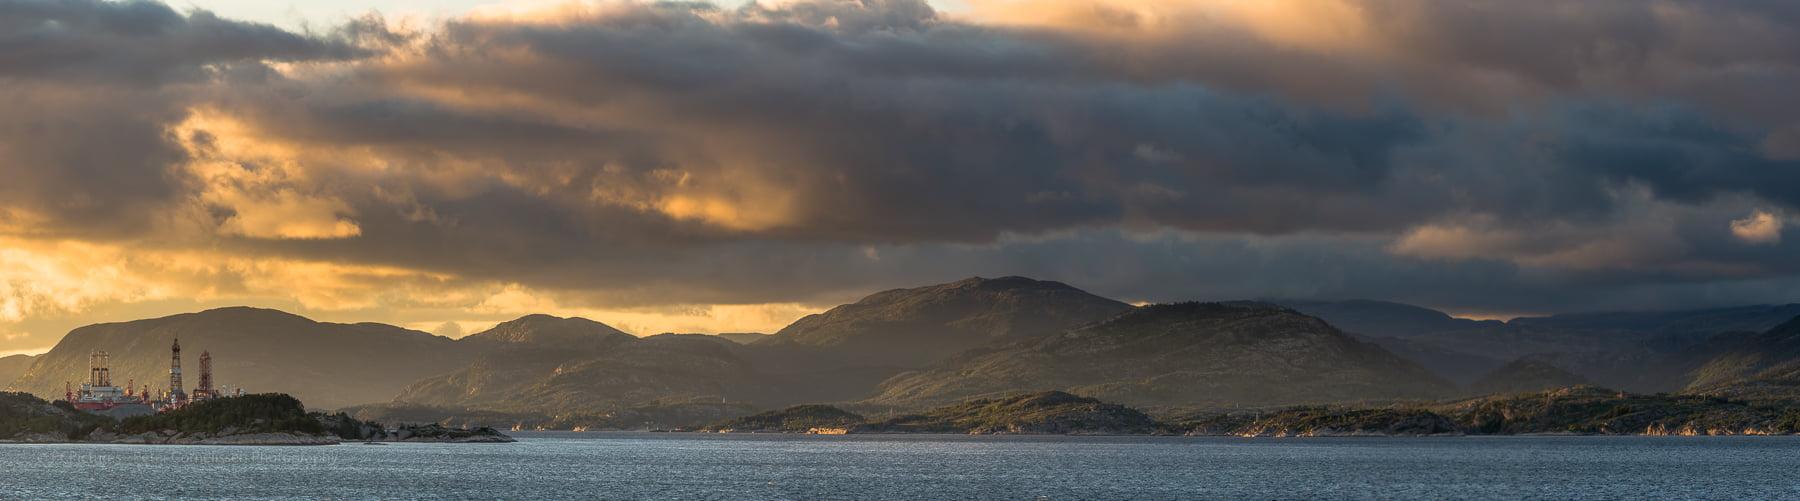 Foto catagoriëen, Panorama, Seascape, zeegezicht